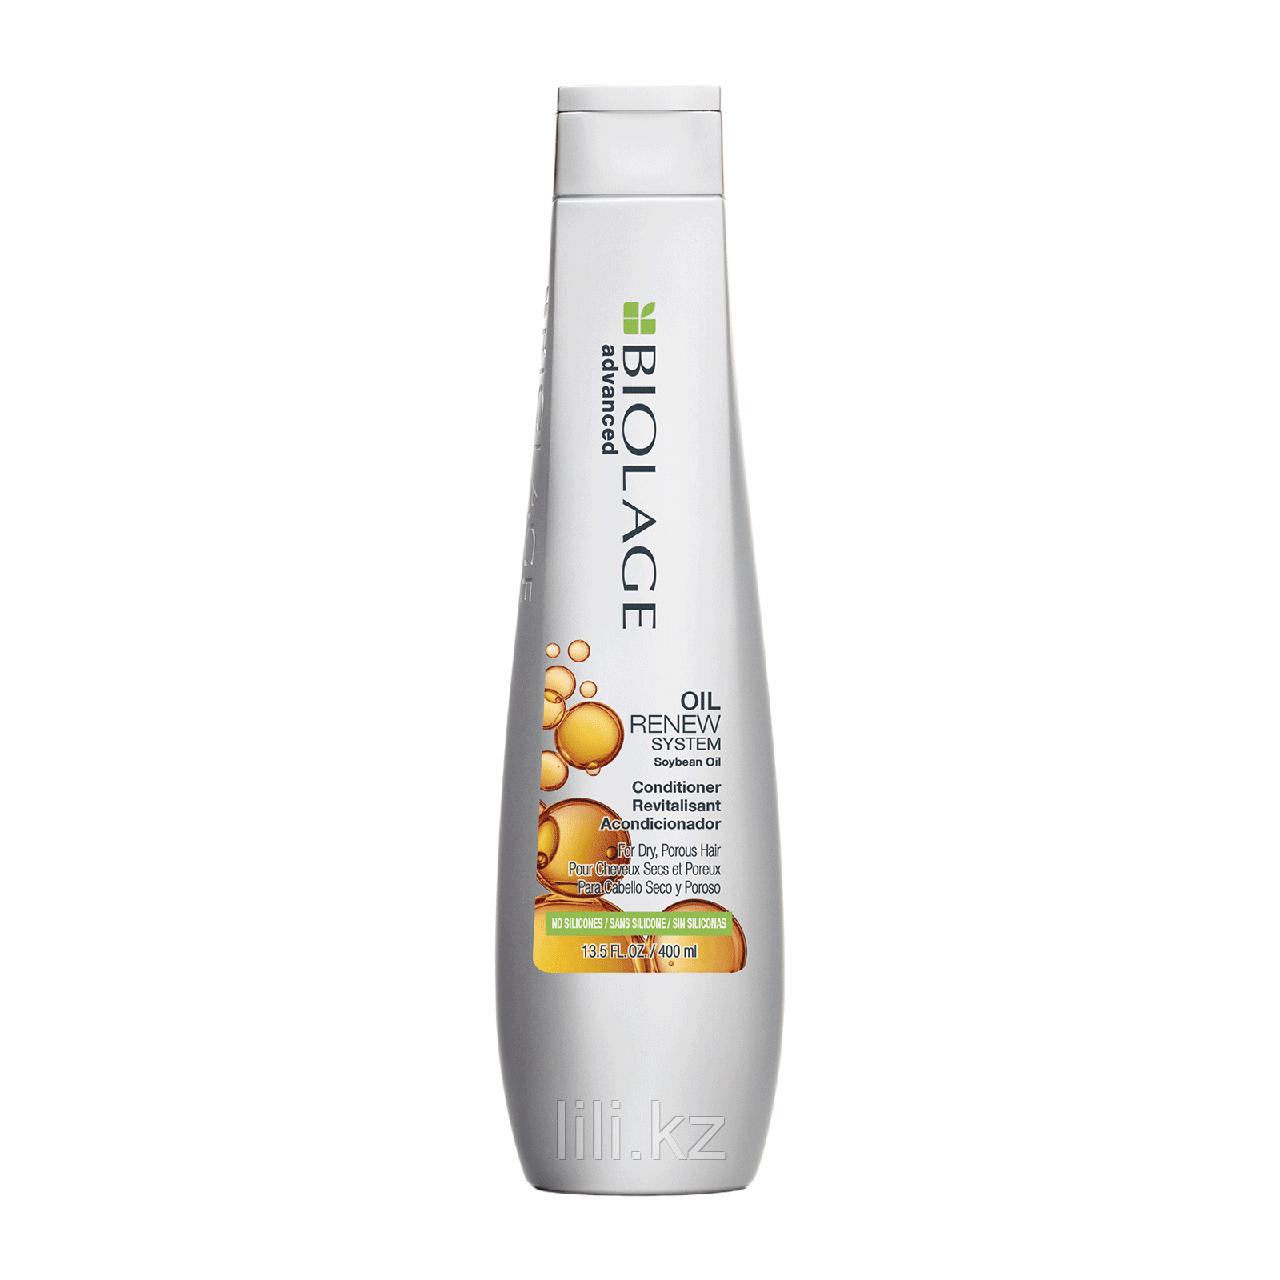 Кондиционер для волос с соевым маслом Matrix Biolage Oil Renew Conditioner 200 мл.